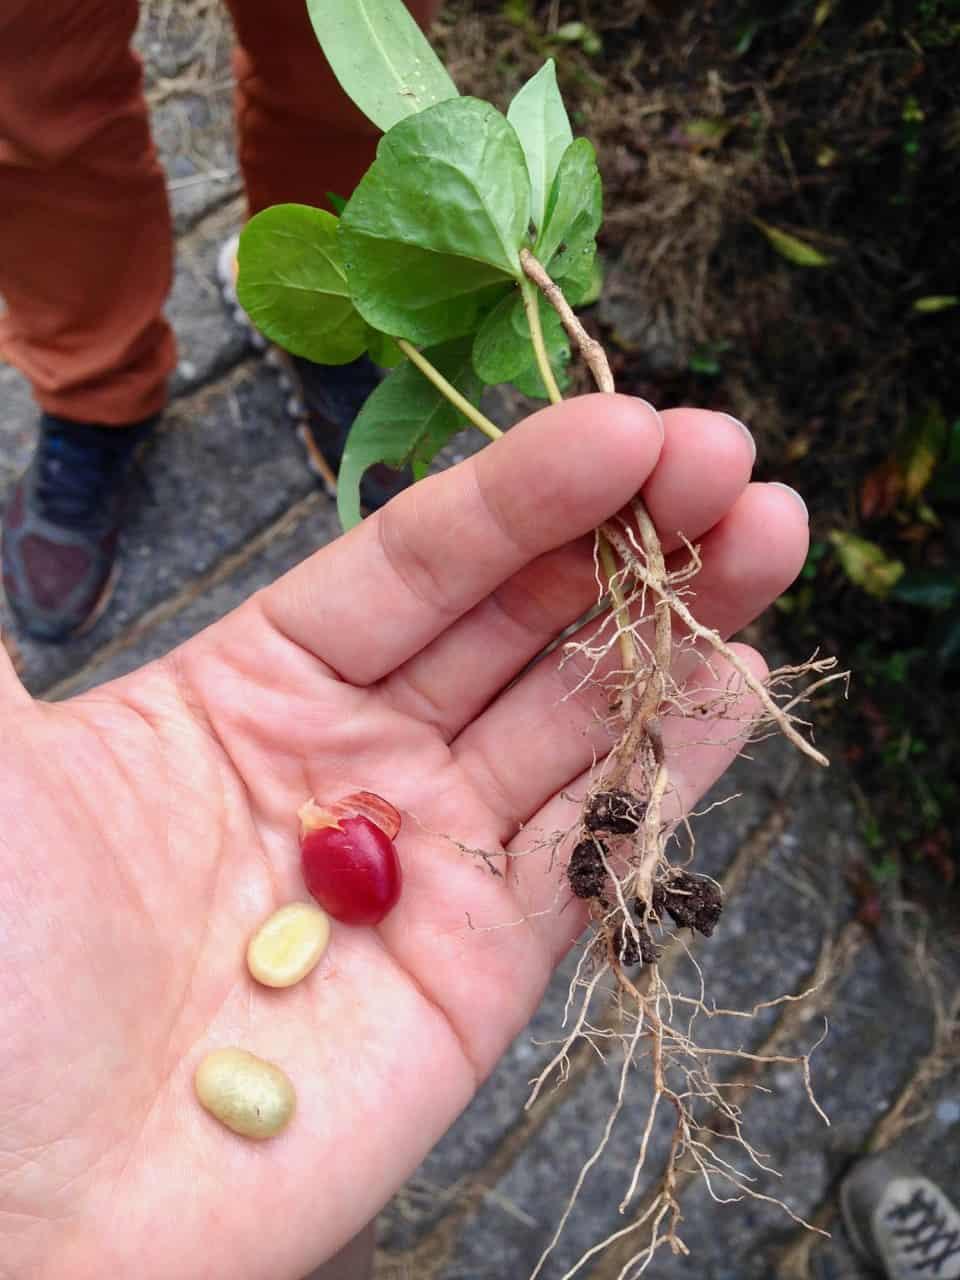 Kaffeepflanzen und Frucht (Bild: M. Schäfer, Textrakt)